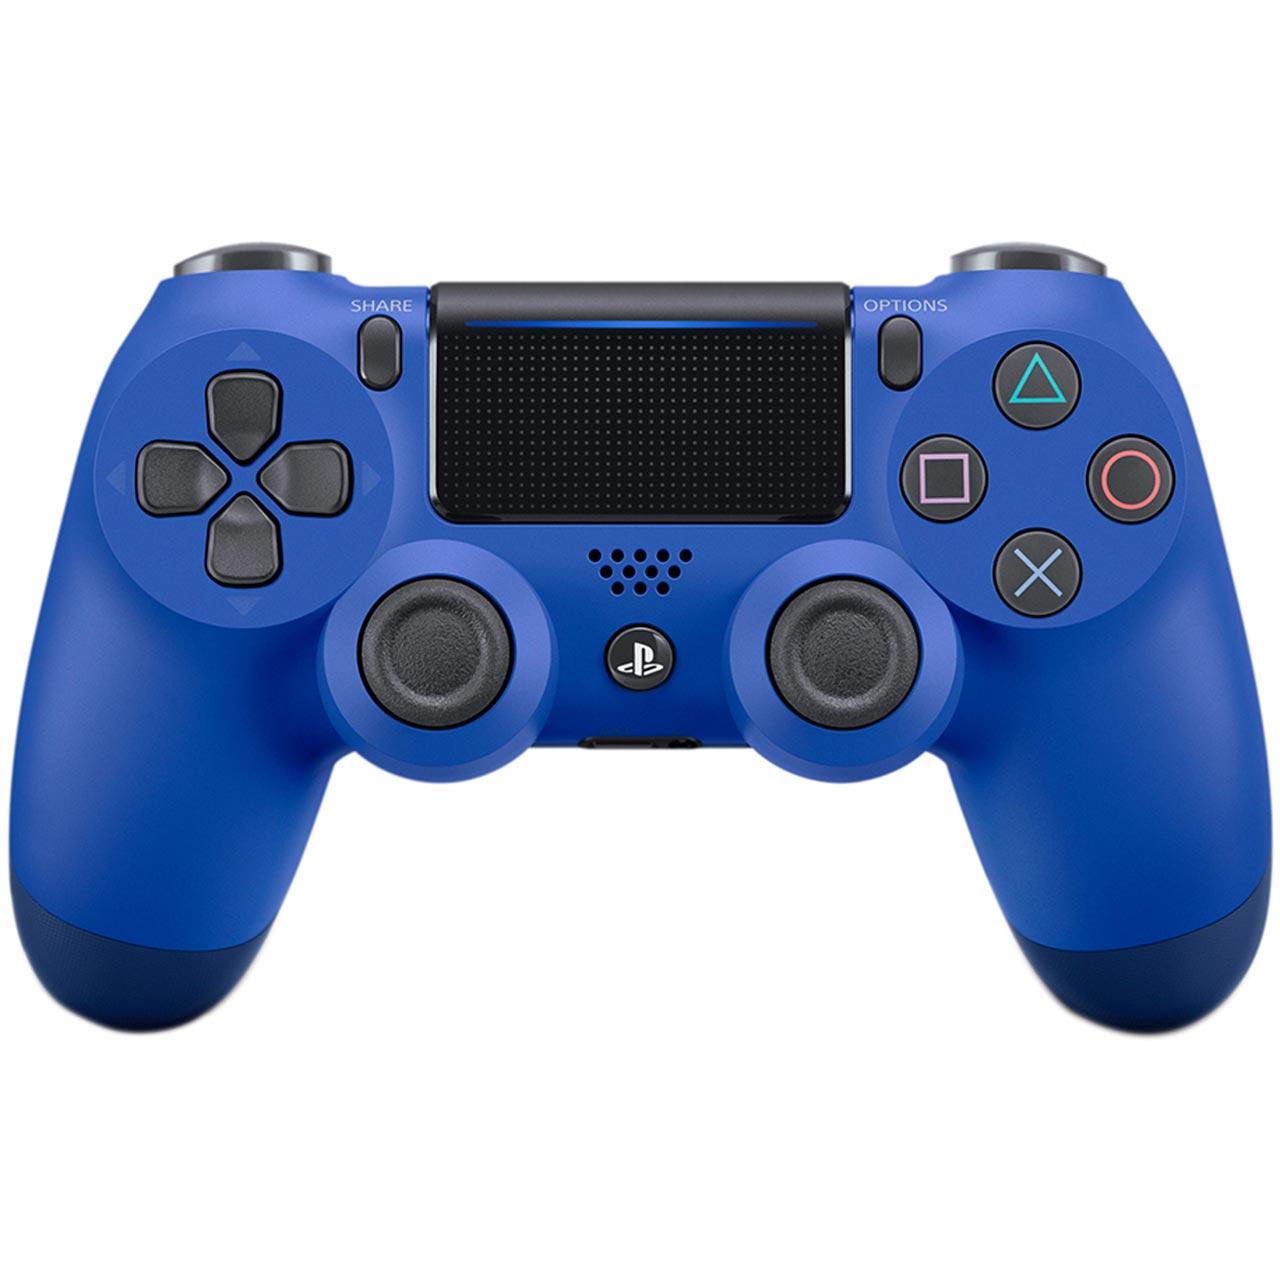 PS4 DualShock 4 Controller Blue £37 @ AO.com